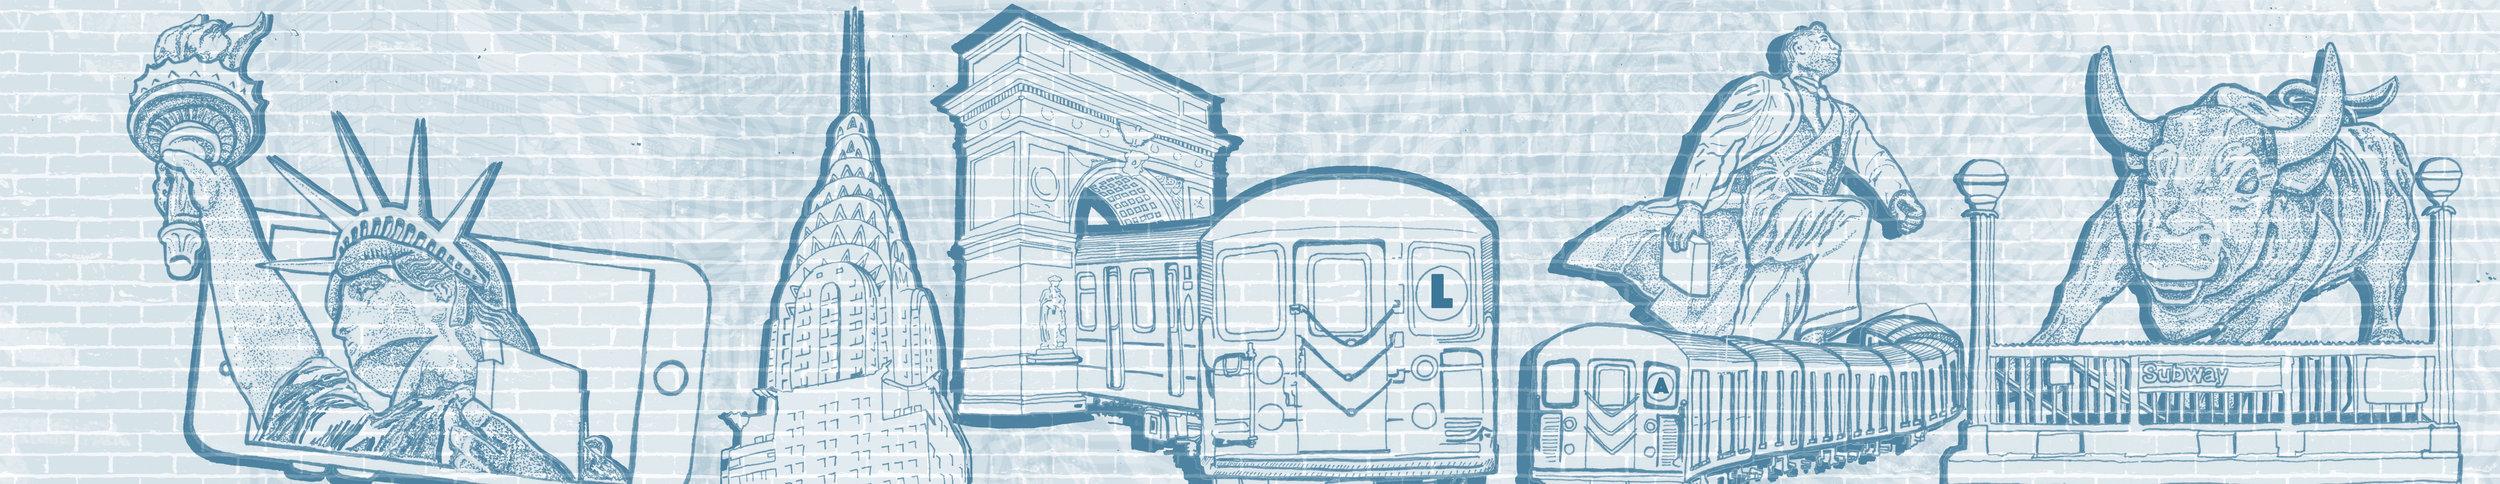 Transfernation Mural Brick WAll.jpg